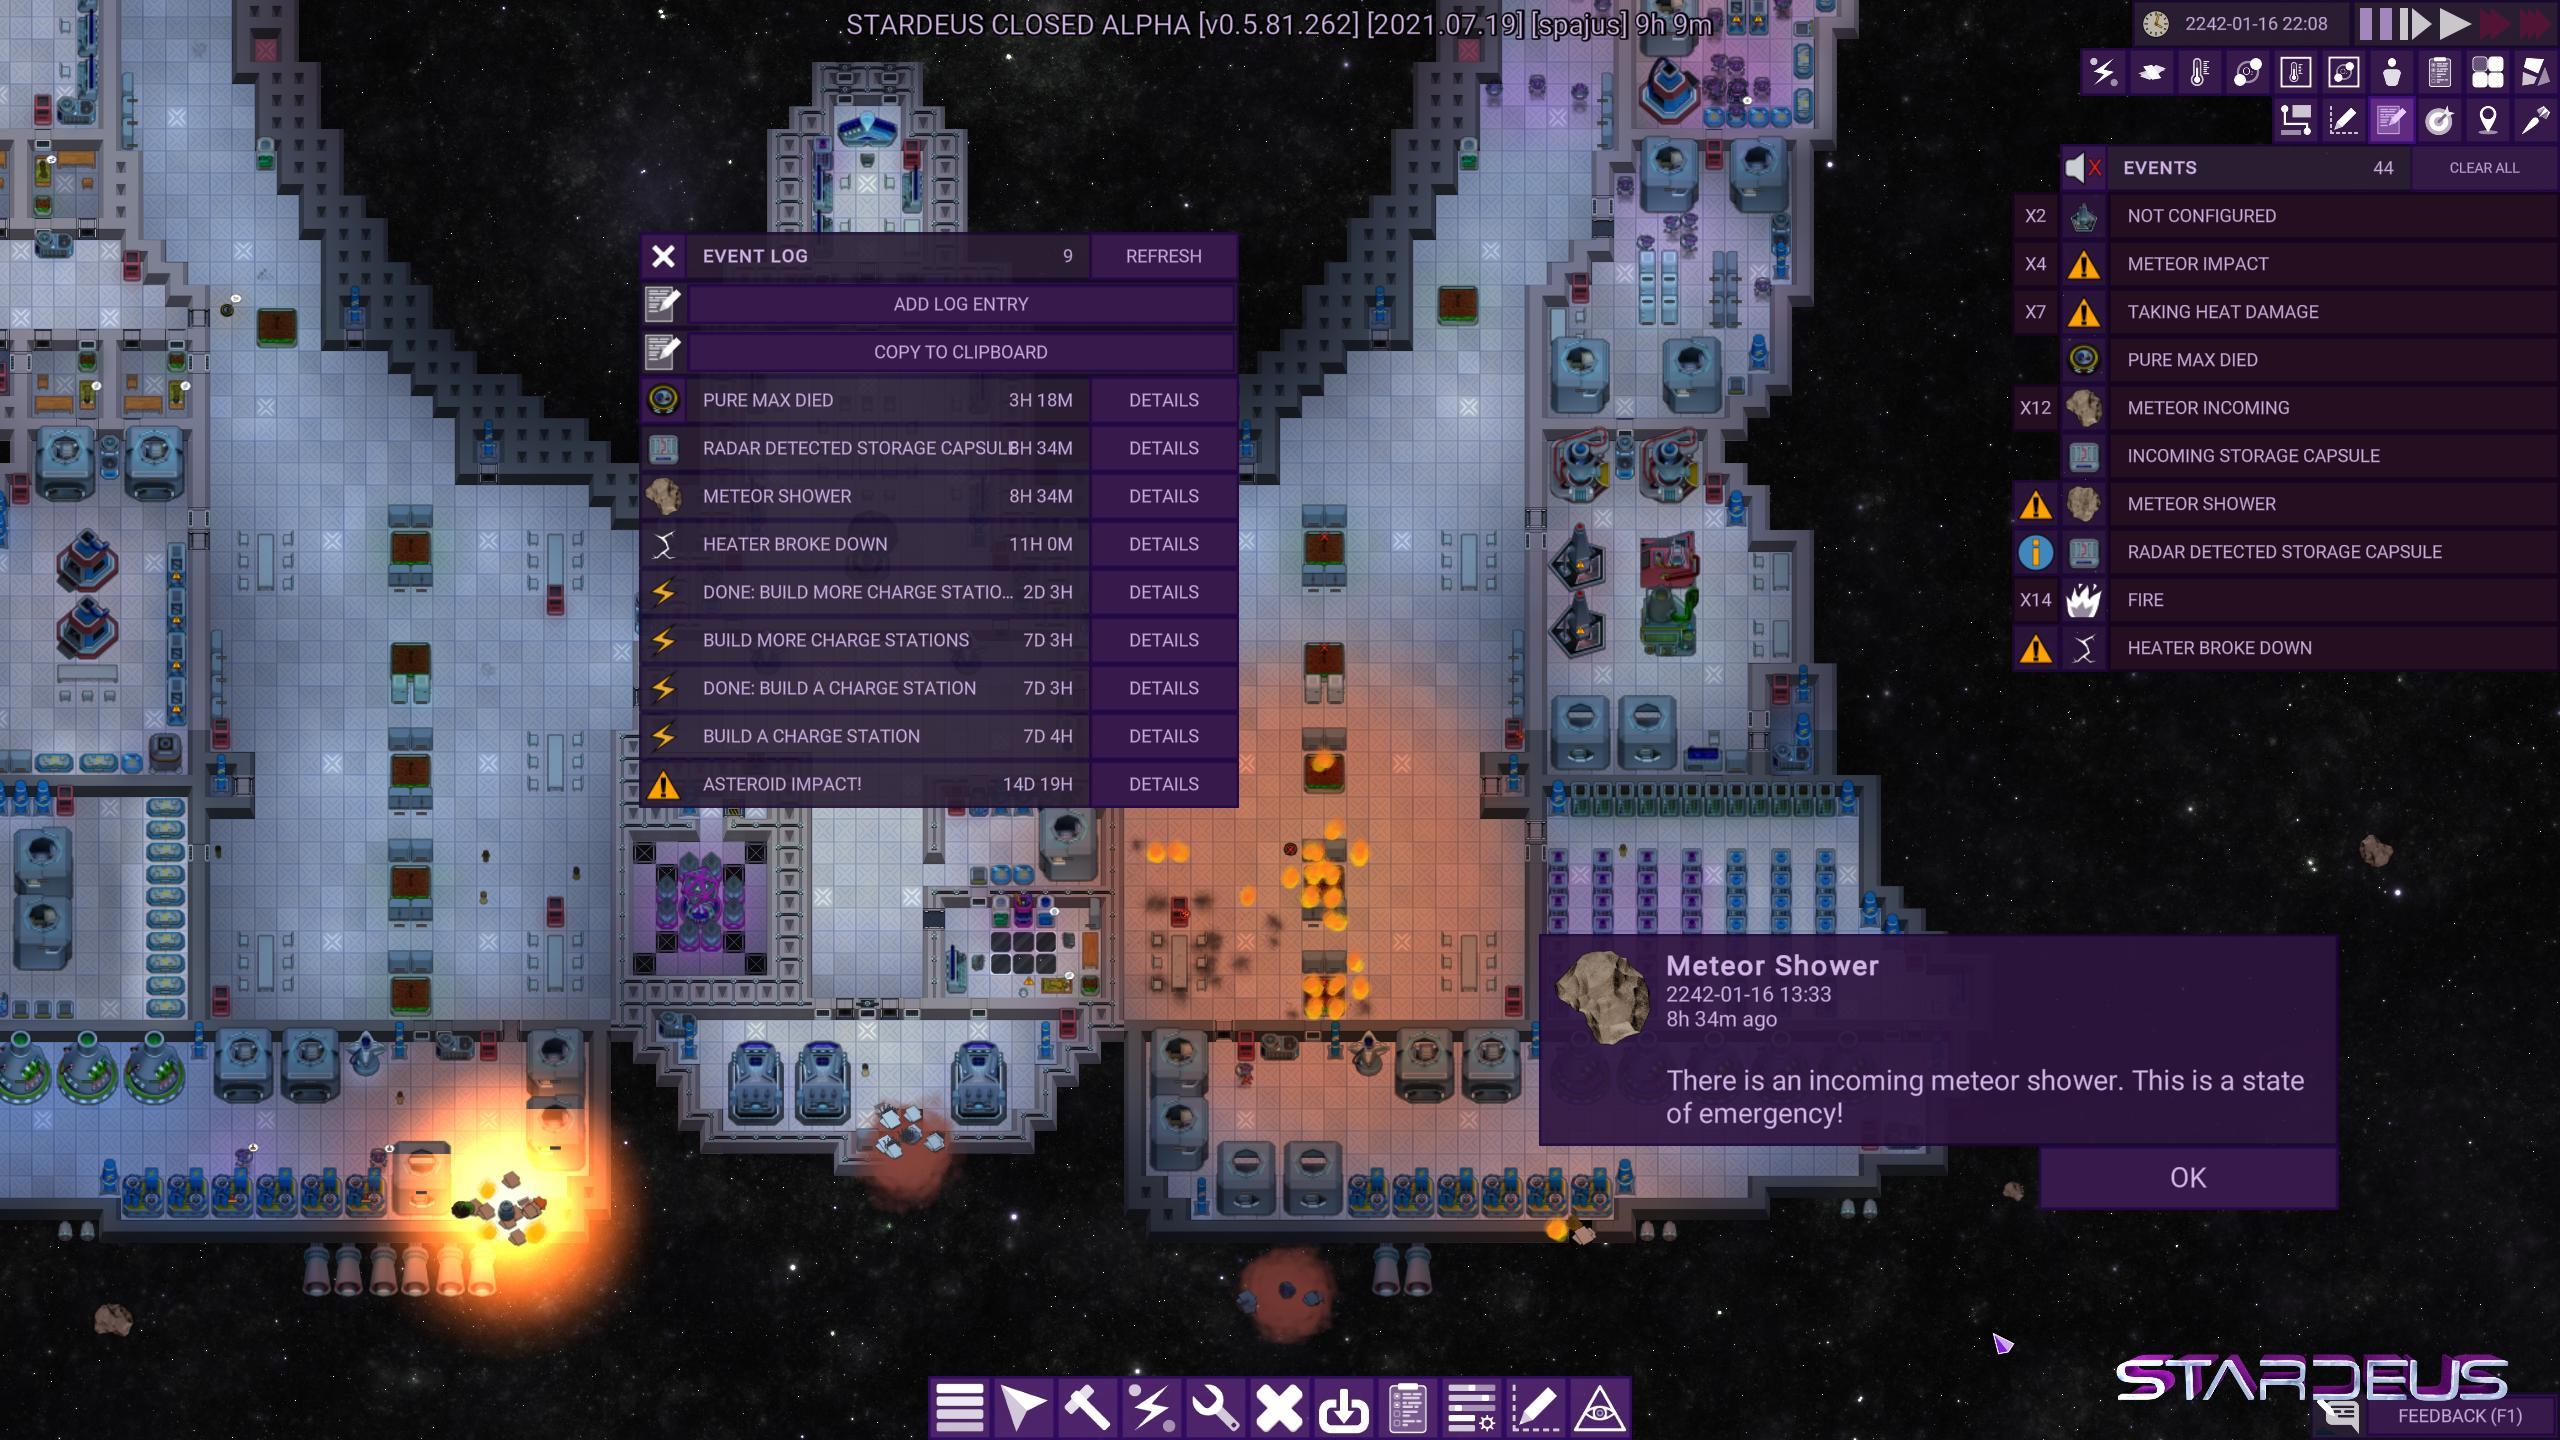 Stardeus0023.jpg